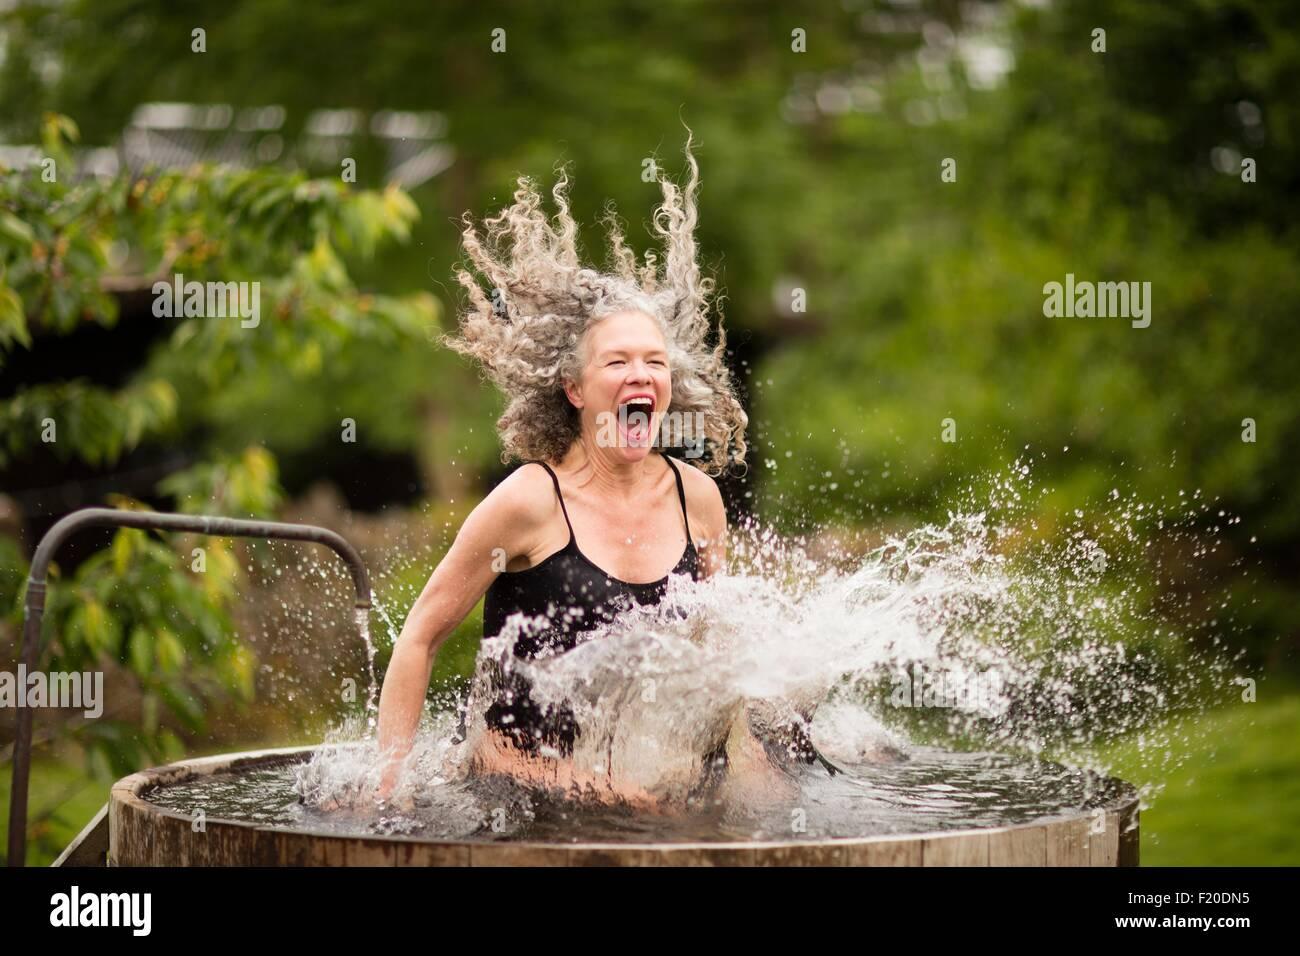 Femme mature les projections dans de l'eau froide à remous de l''eco retreat Photo Stock